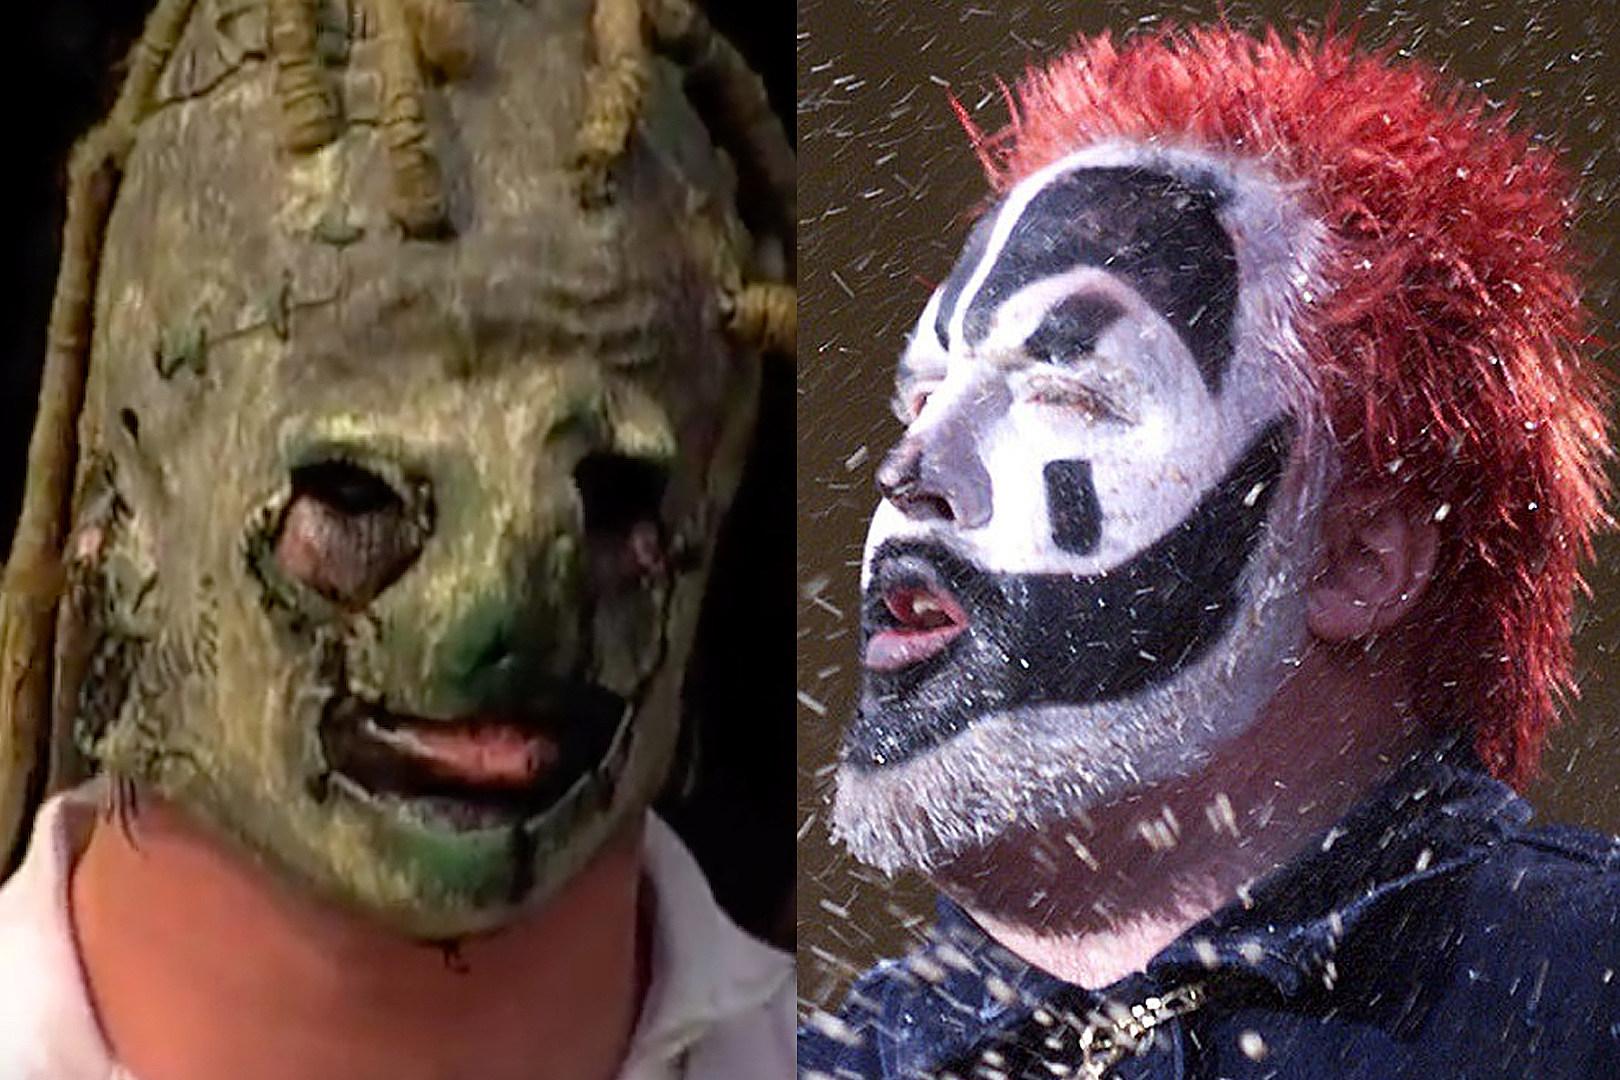 Slipknot vs. Insane Clown Posse – The Shortest Feud in Music History